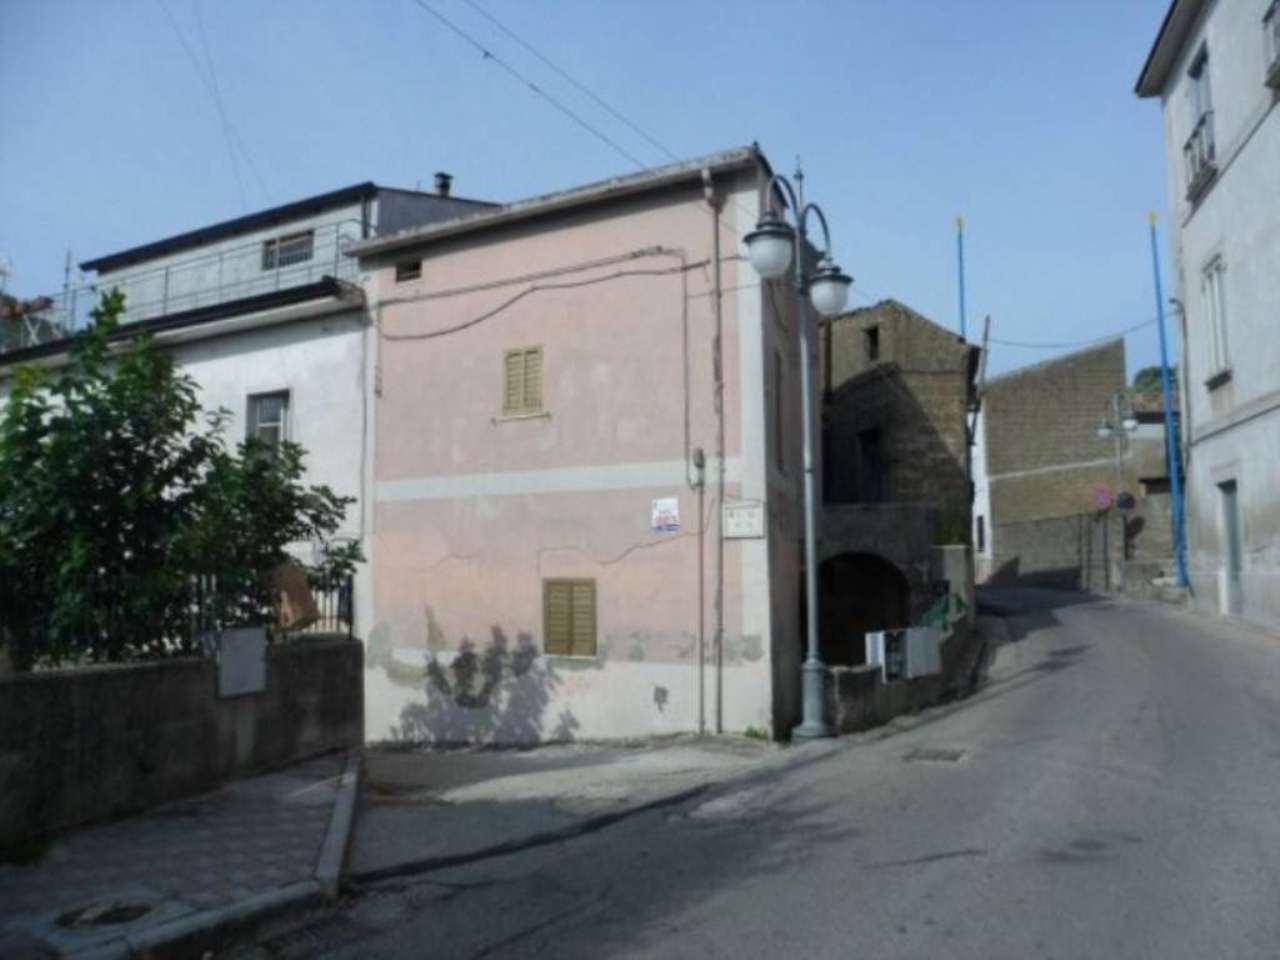 Soluzione Indipendente in vendita a Moiano, 3 locali, prezzo € 25.000 | CambioCasa.it